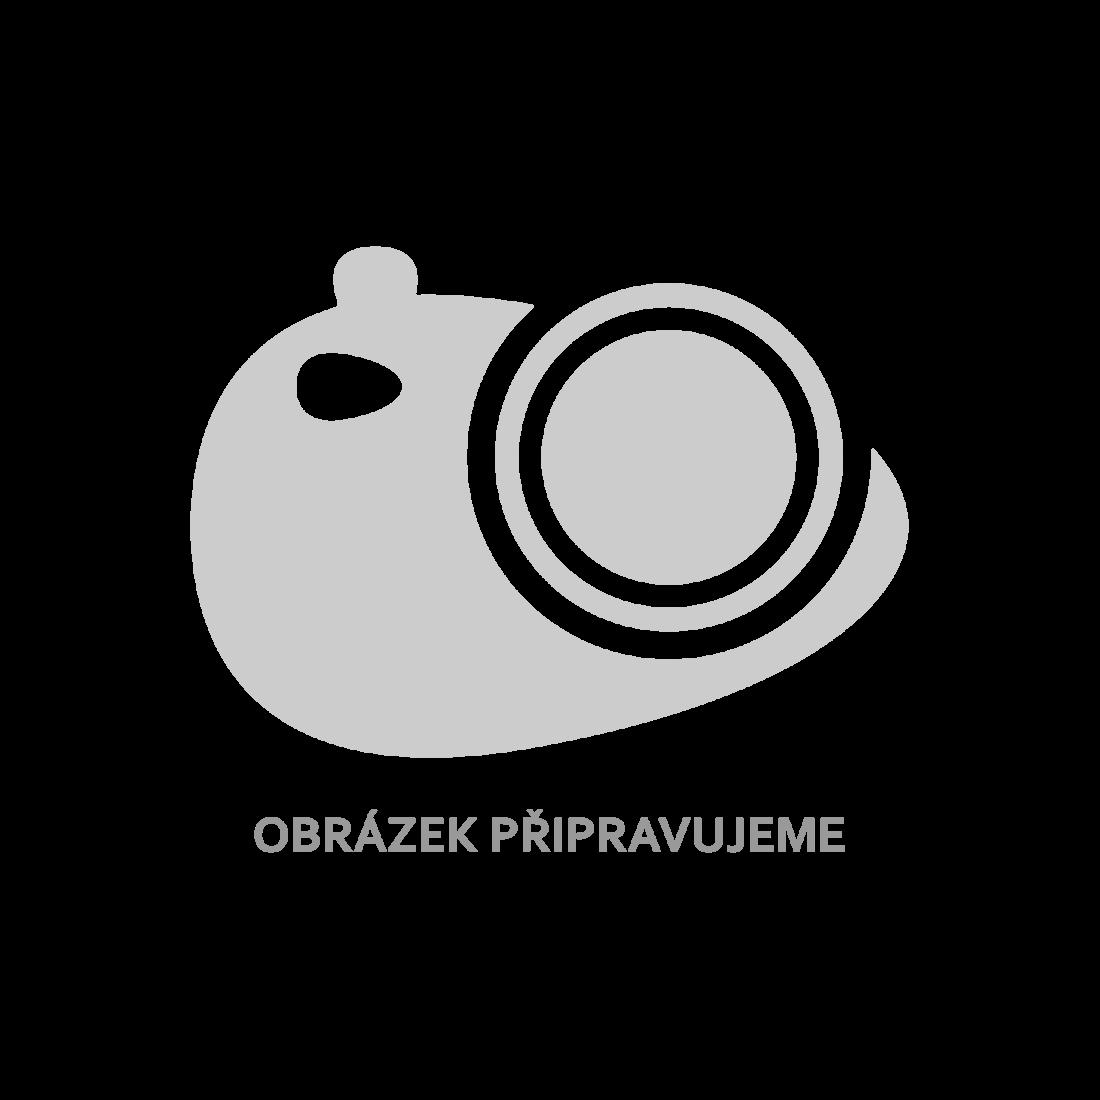 Pískově bílá čalouněná podložka na sedadlo 120 x 80 x 10 cm